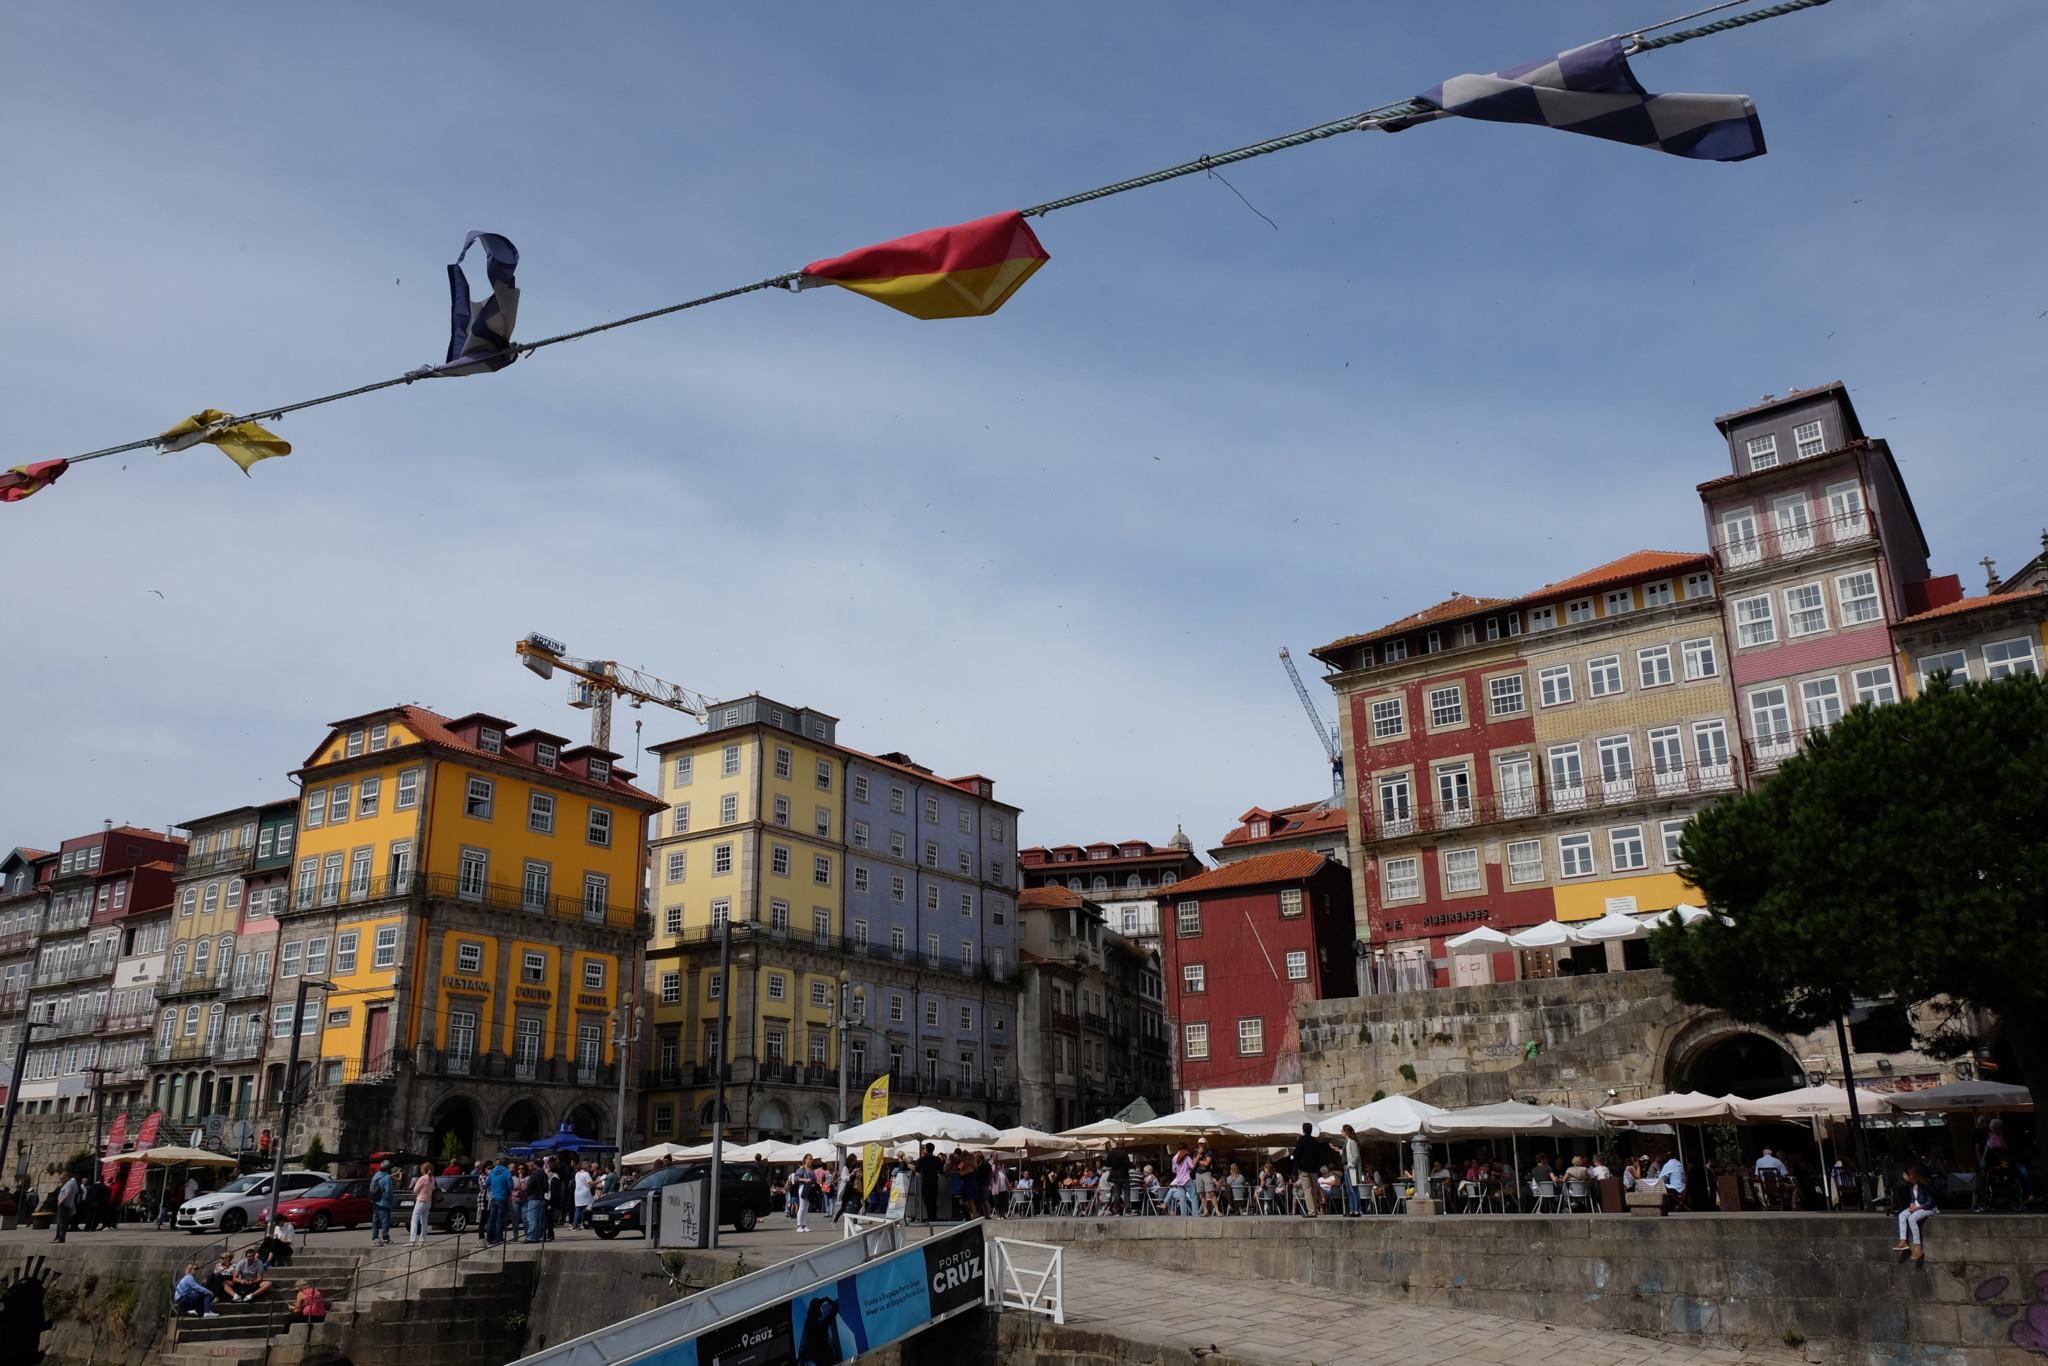 Casting off from Praça da Ribeira on our Six Bridges boat tour